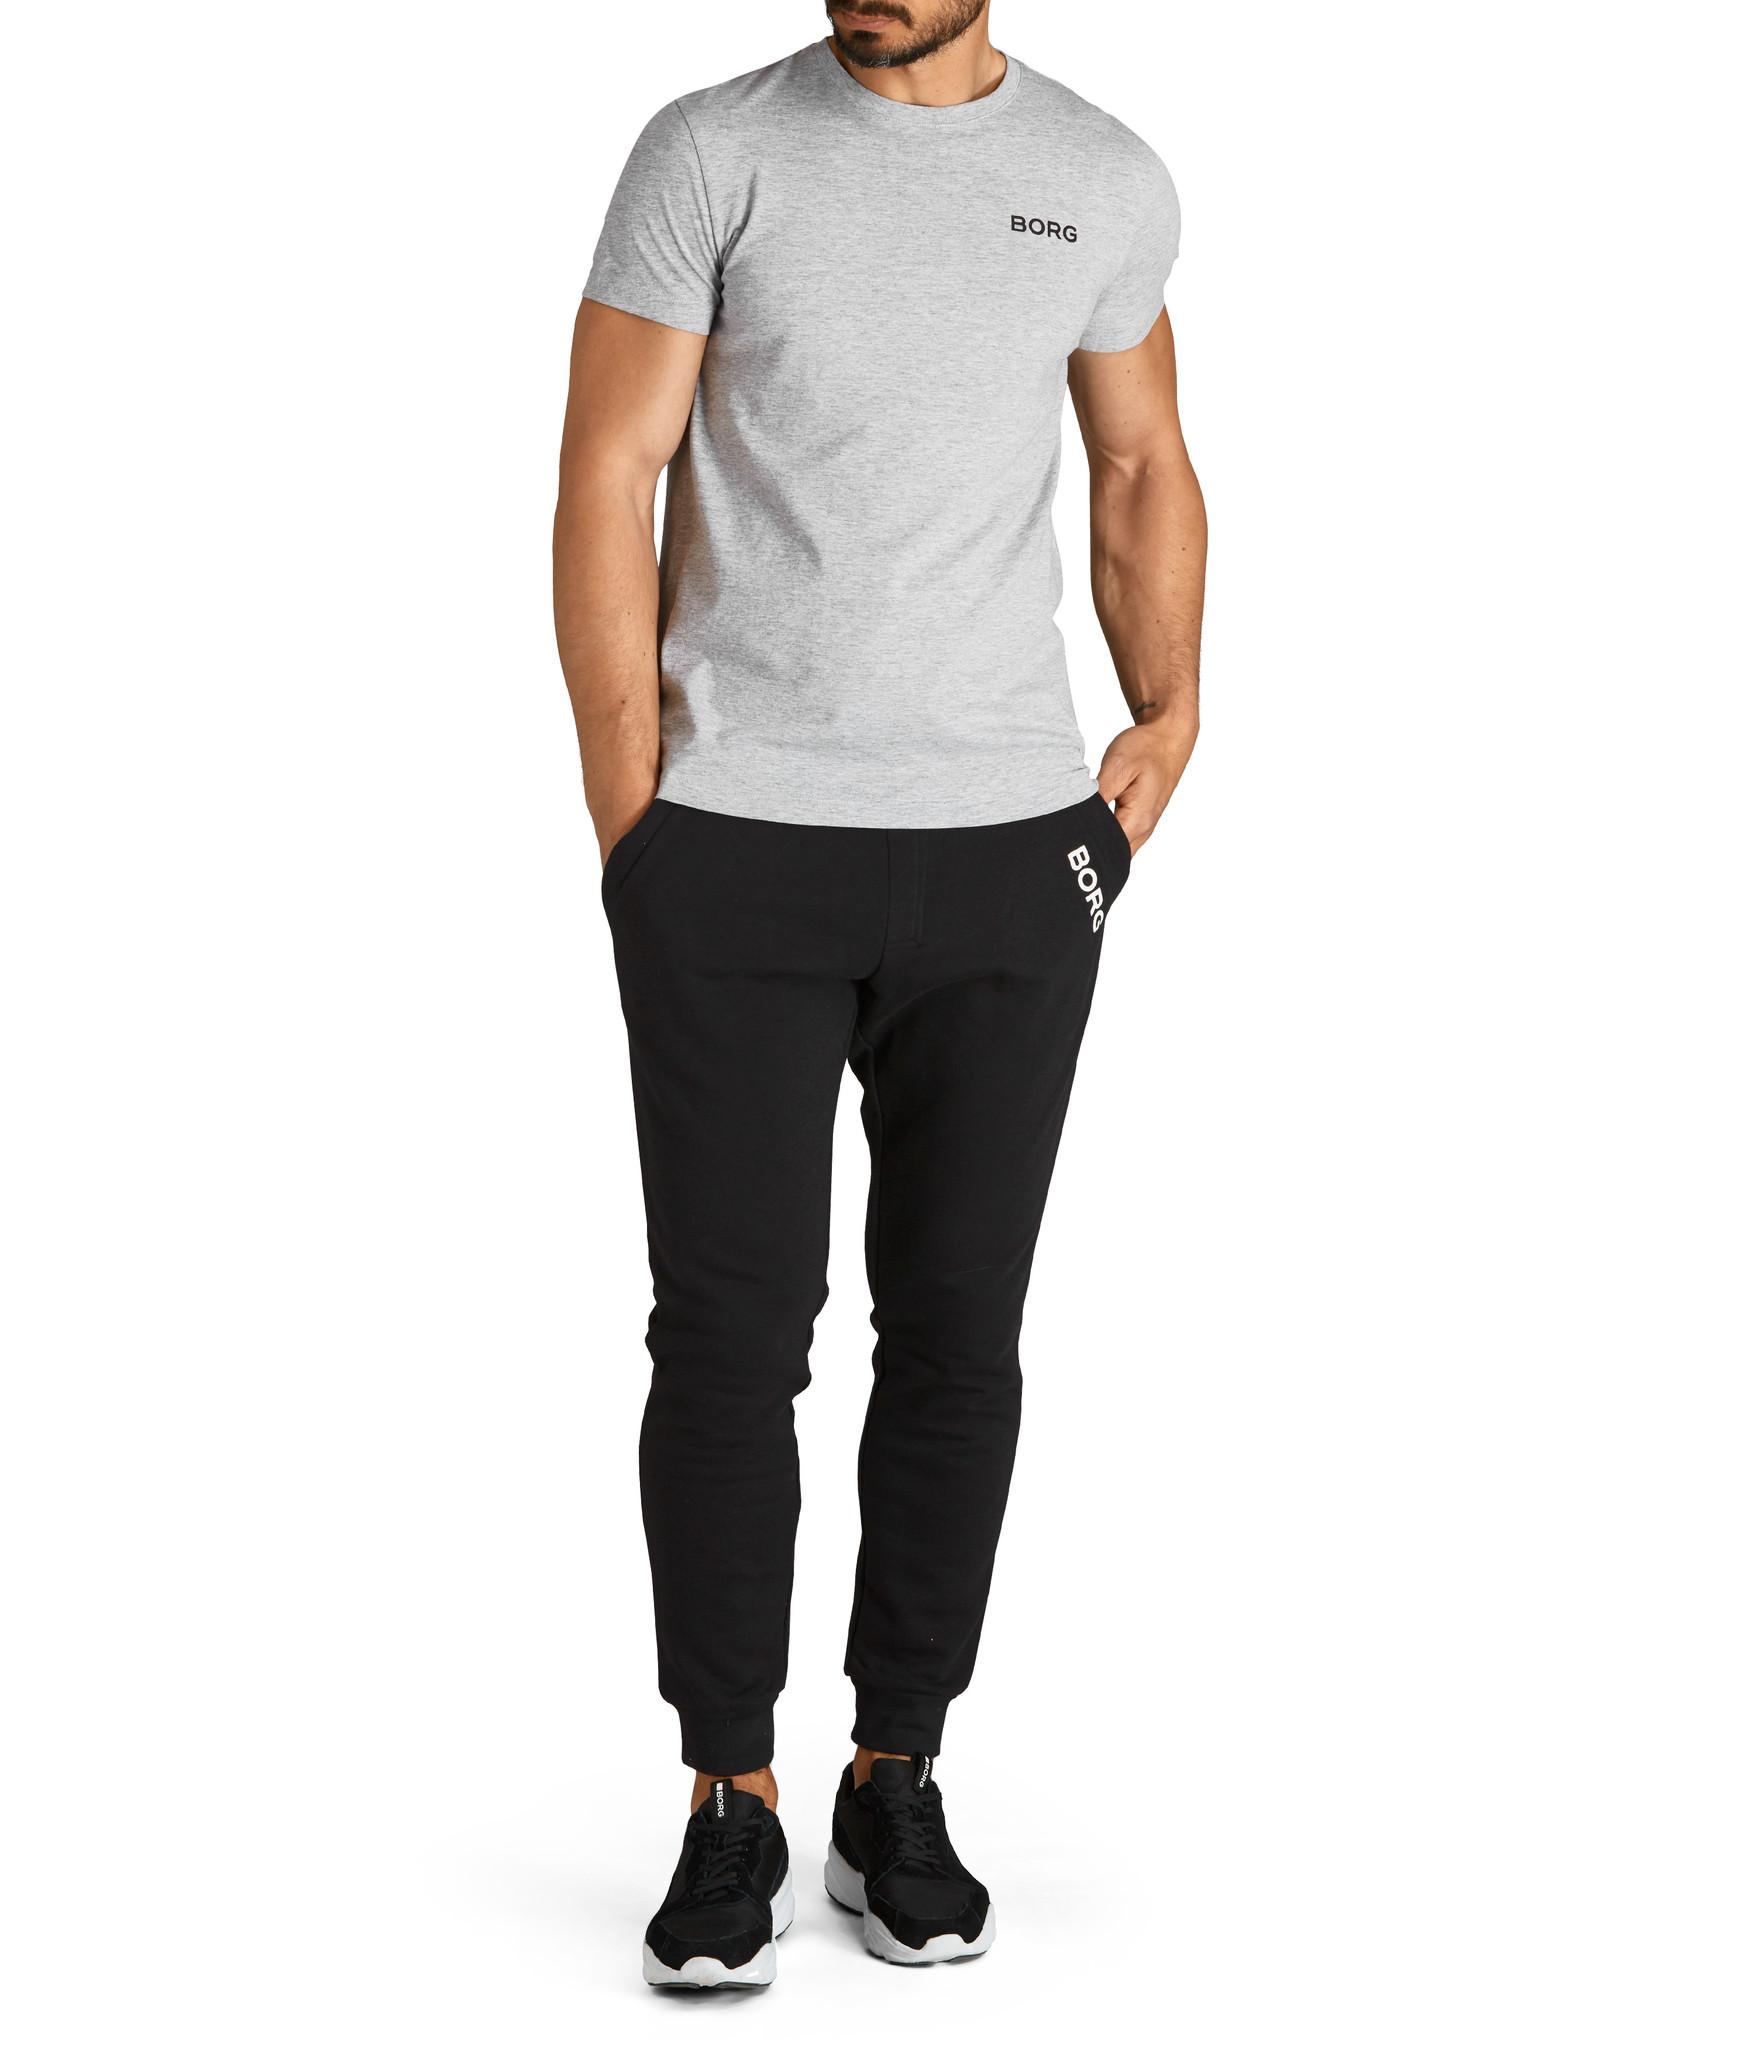 Bjorn Borg T-shirt Bjorn Borg 9999-1554-90741